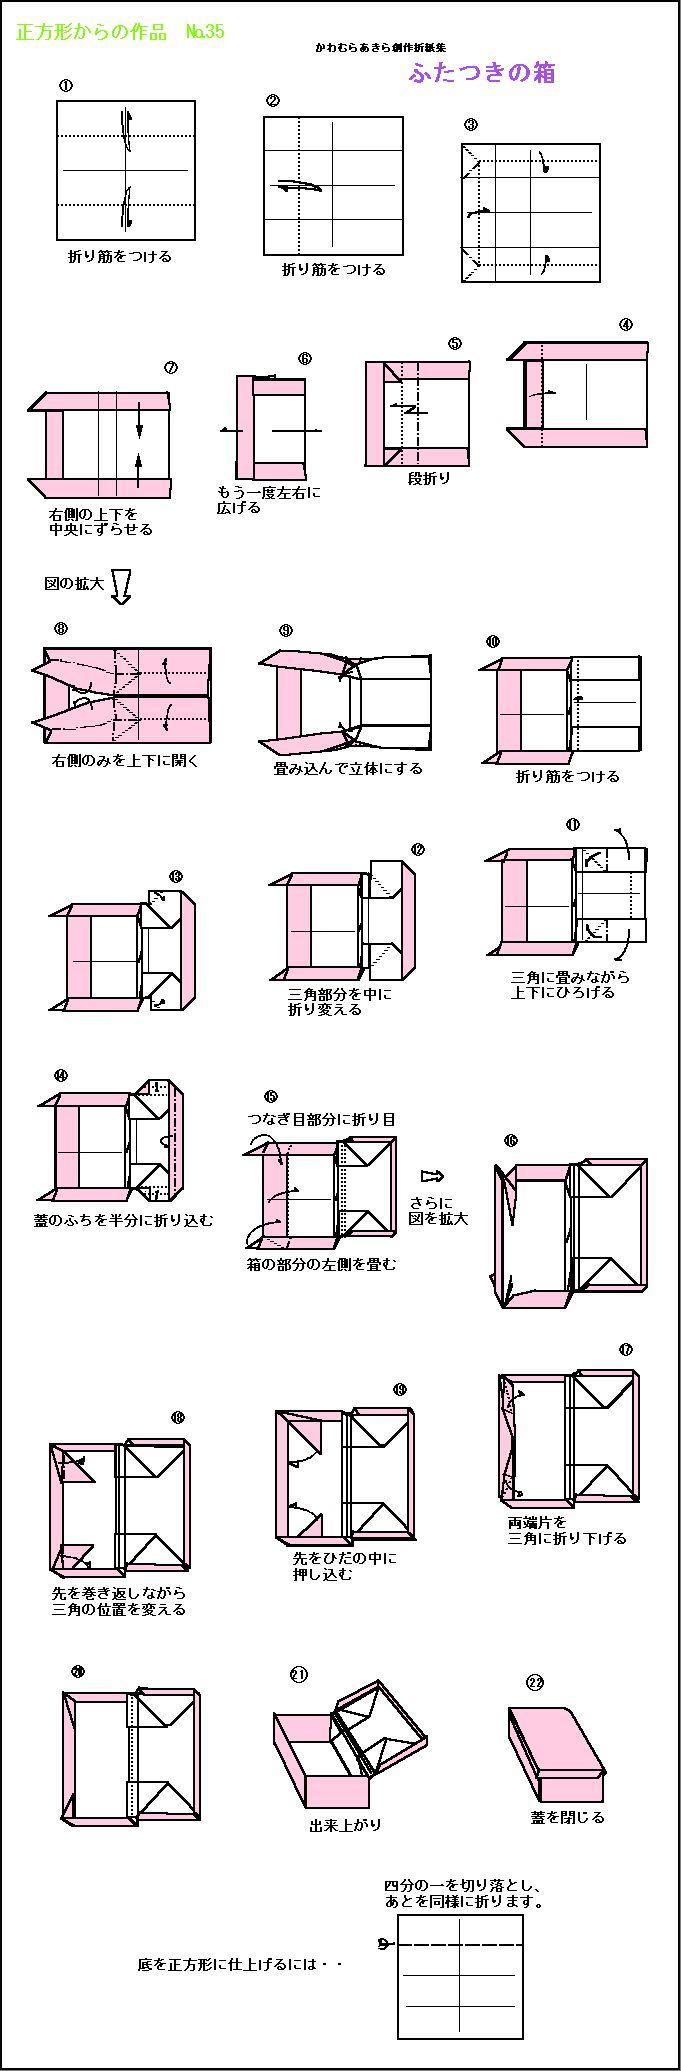 http://www.geocities.jp/rivervillagekyo/page028.html